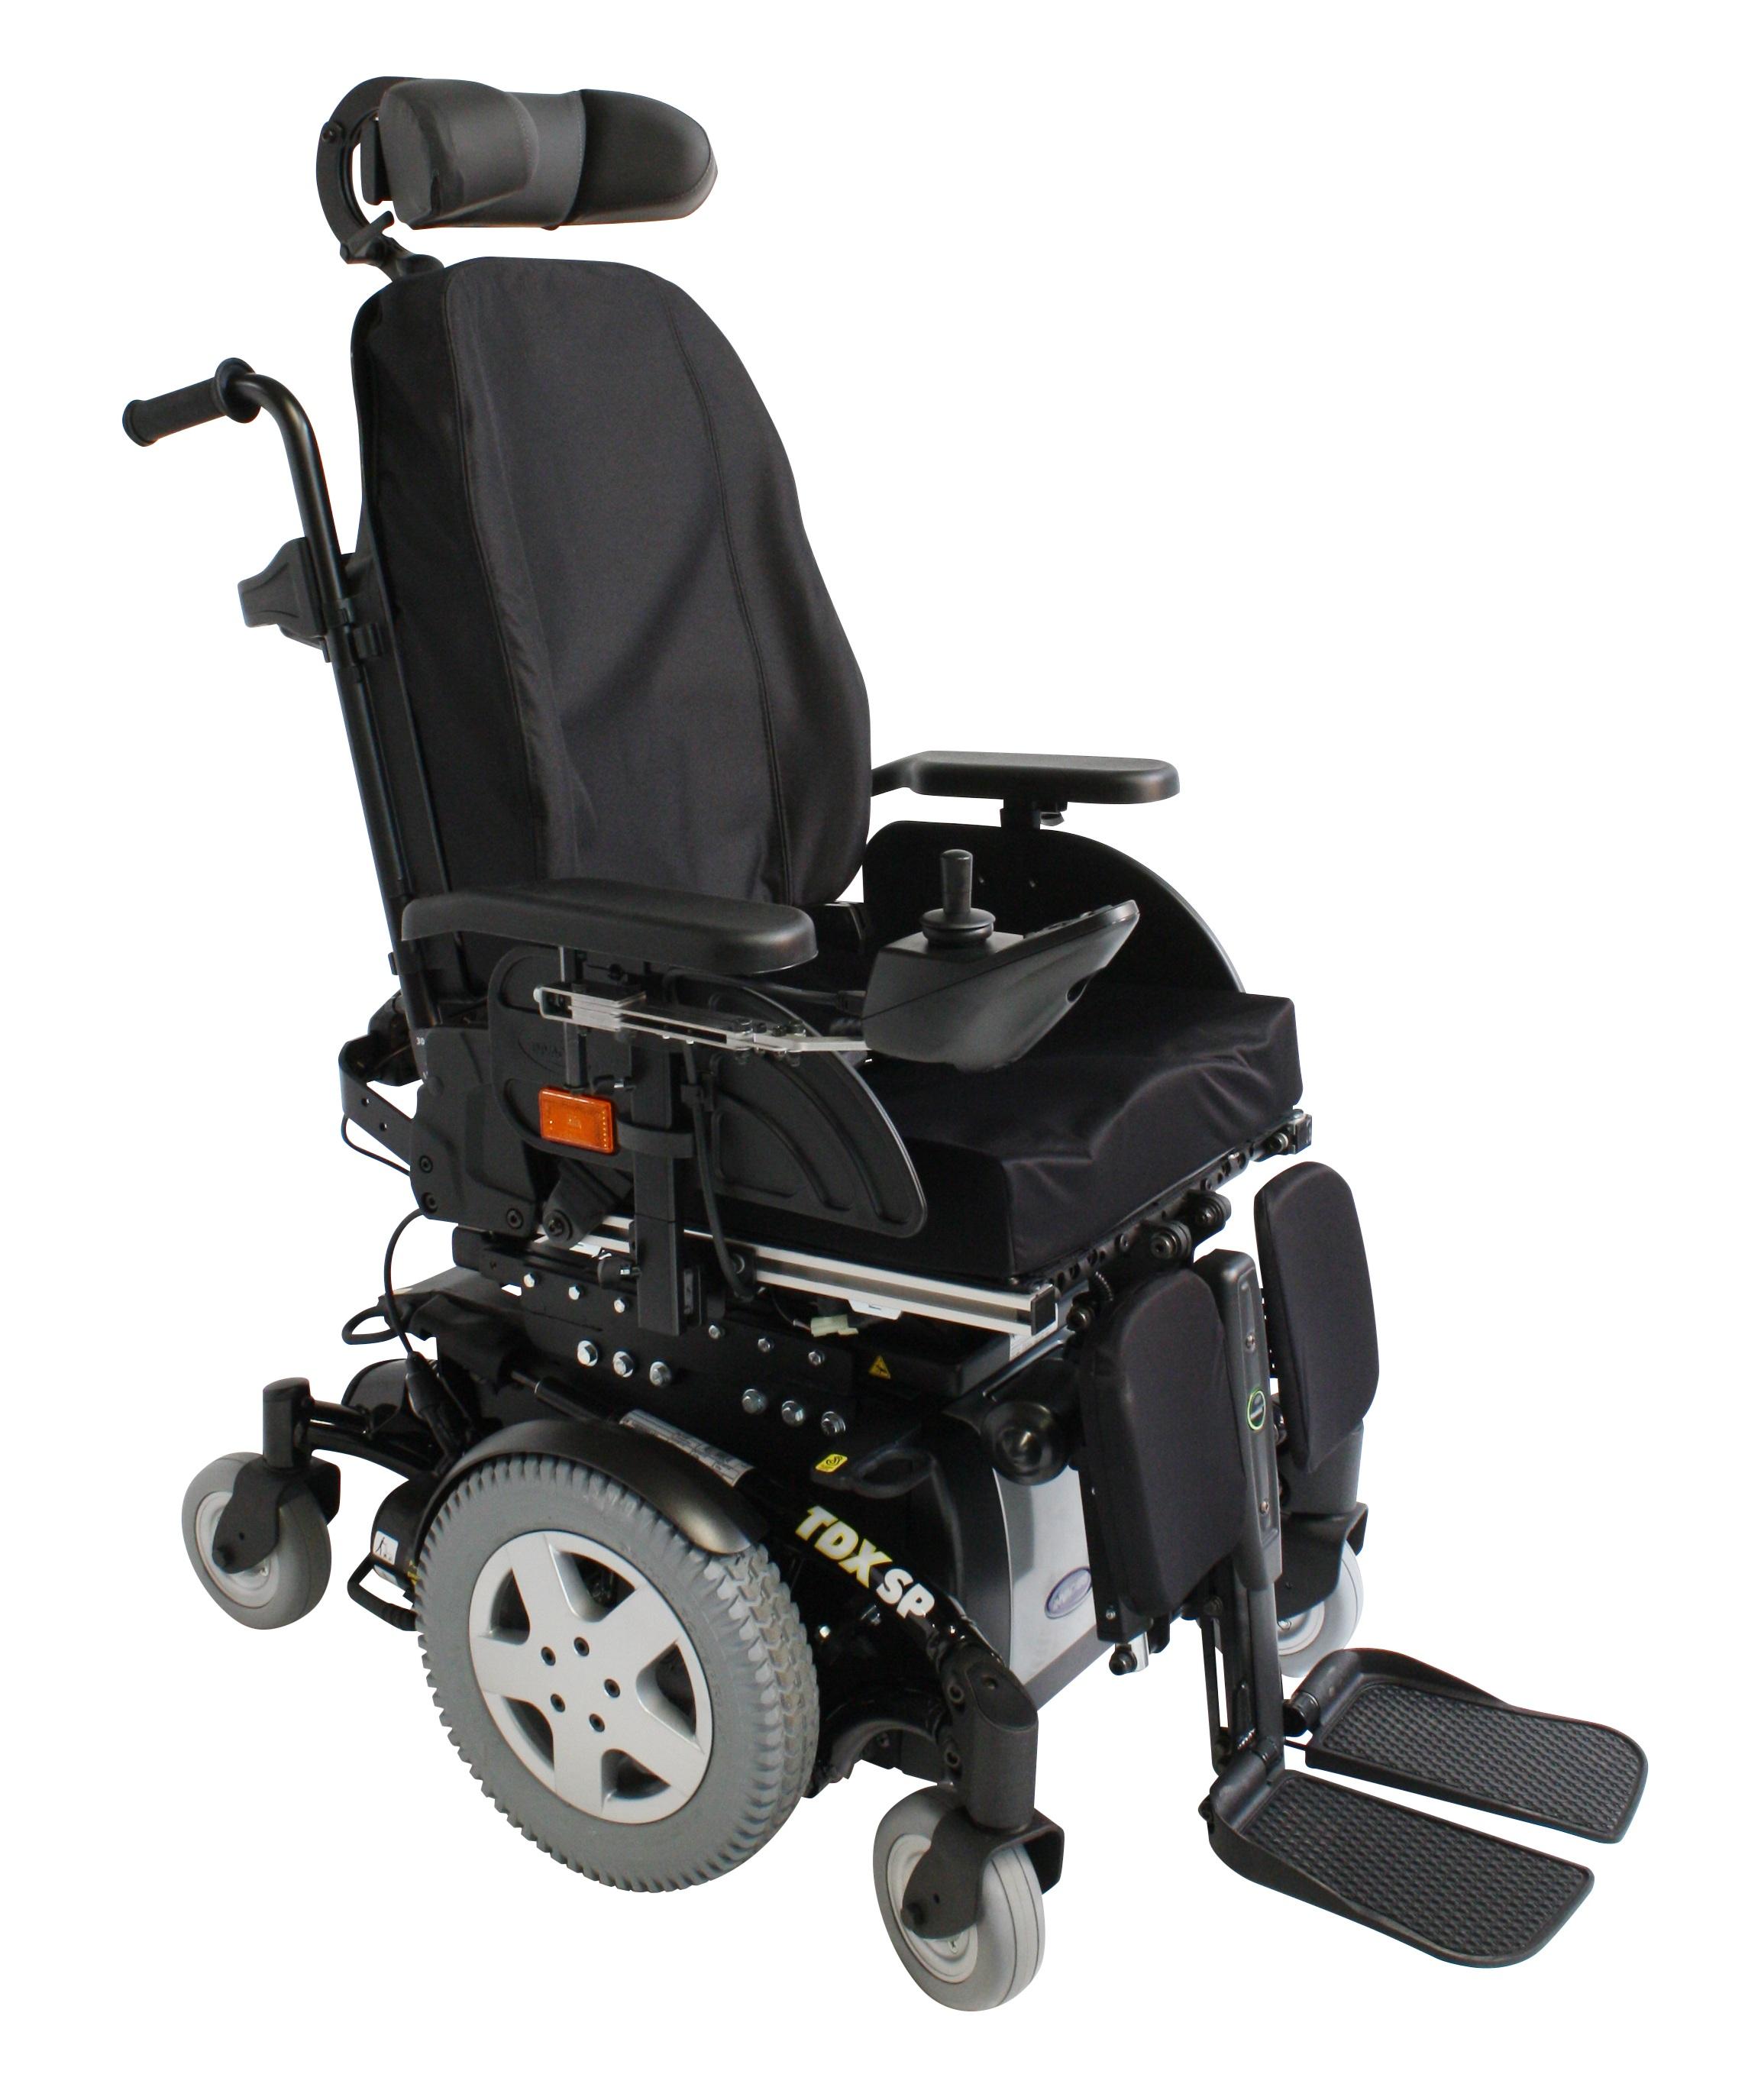 Tdx Sp2 Powerchair